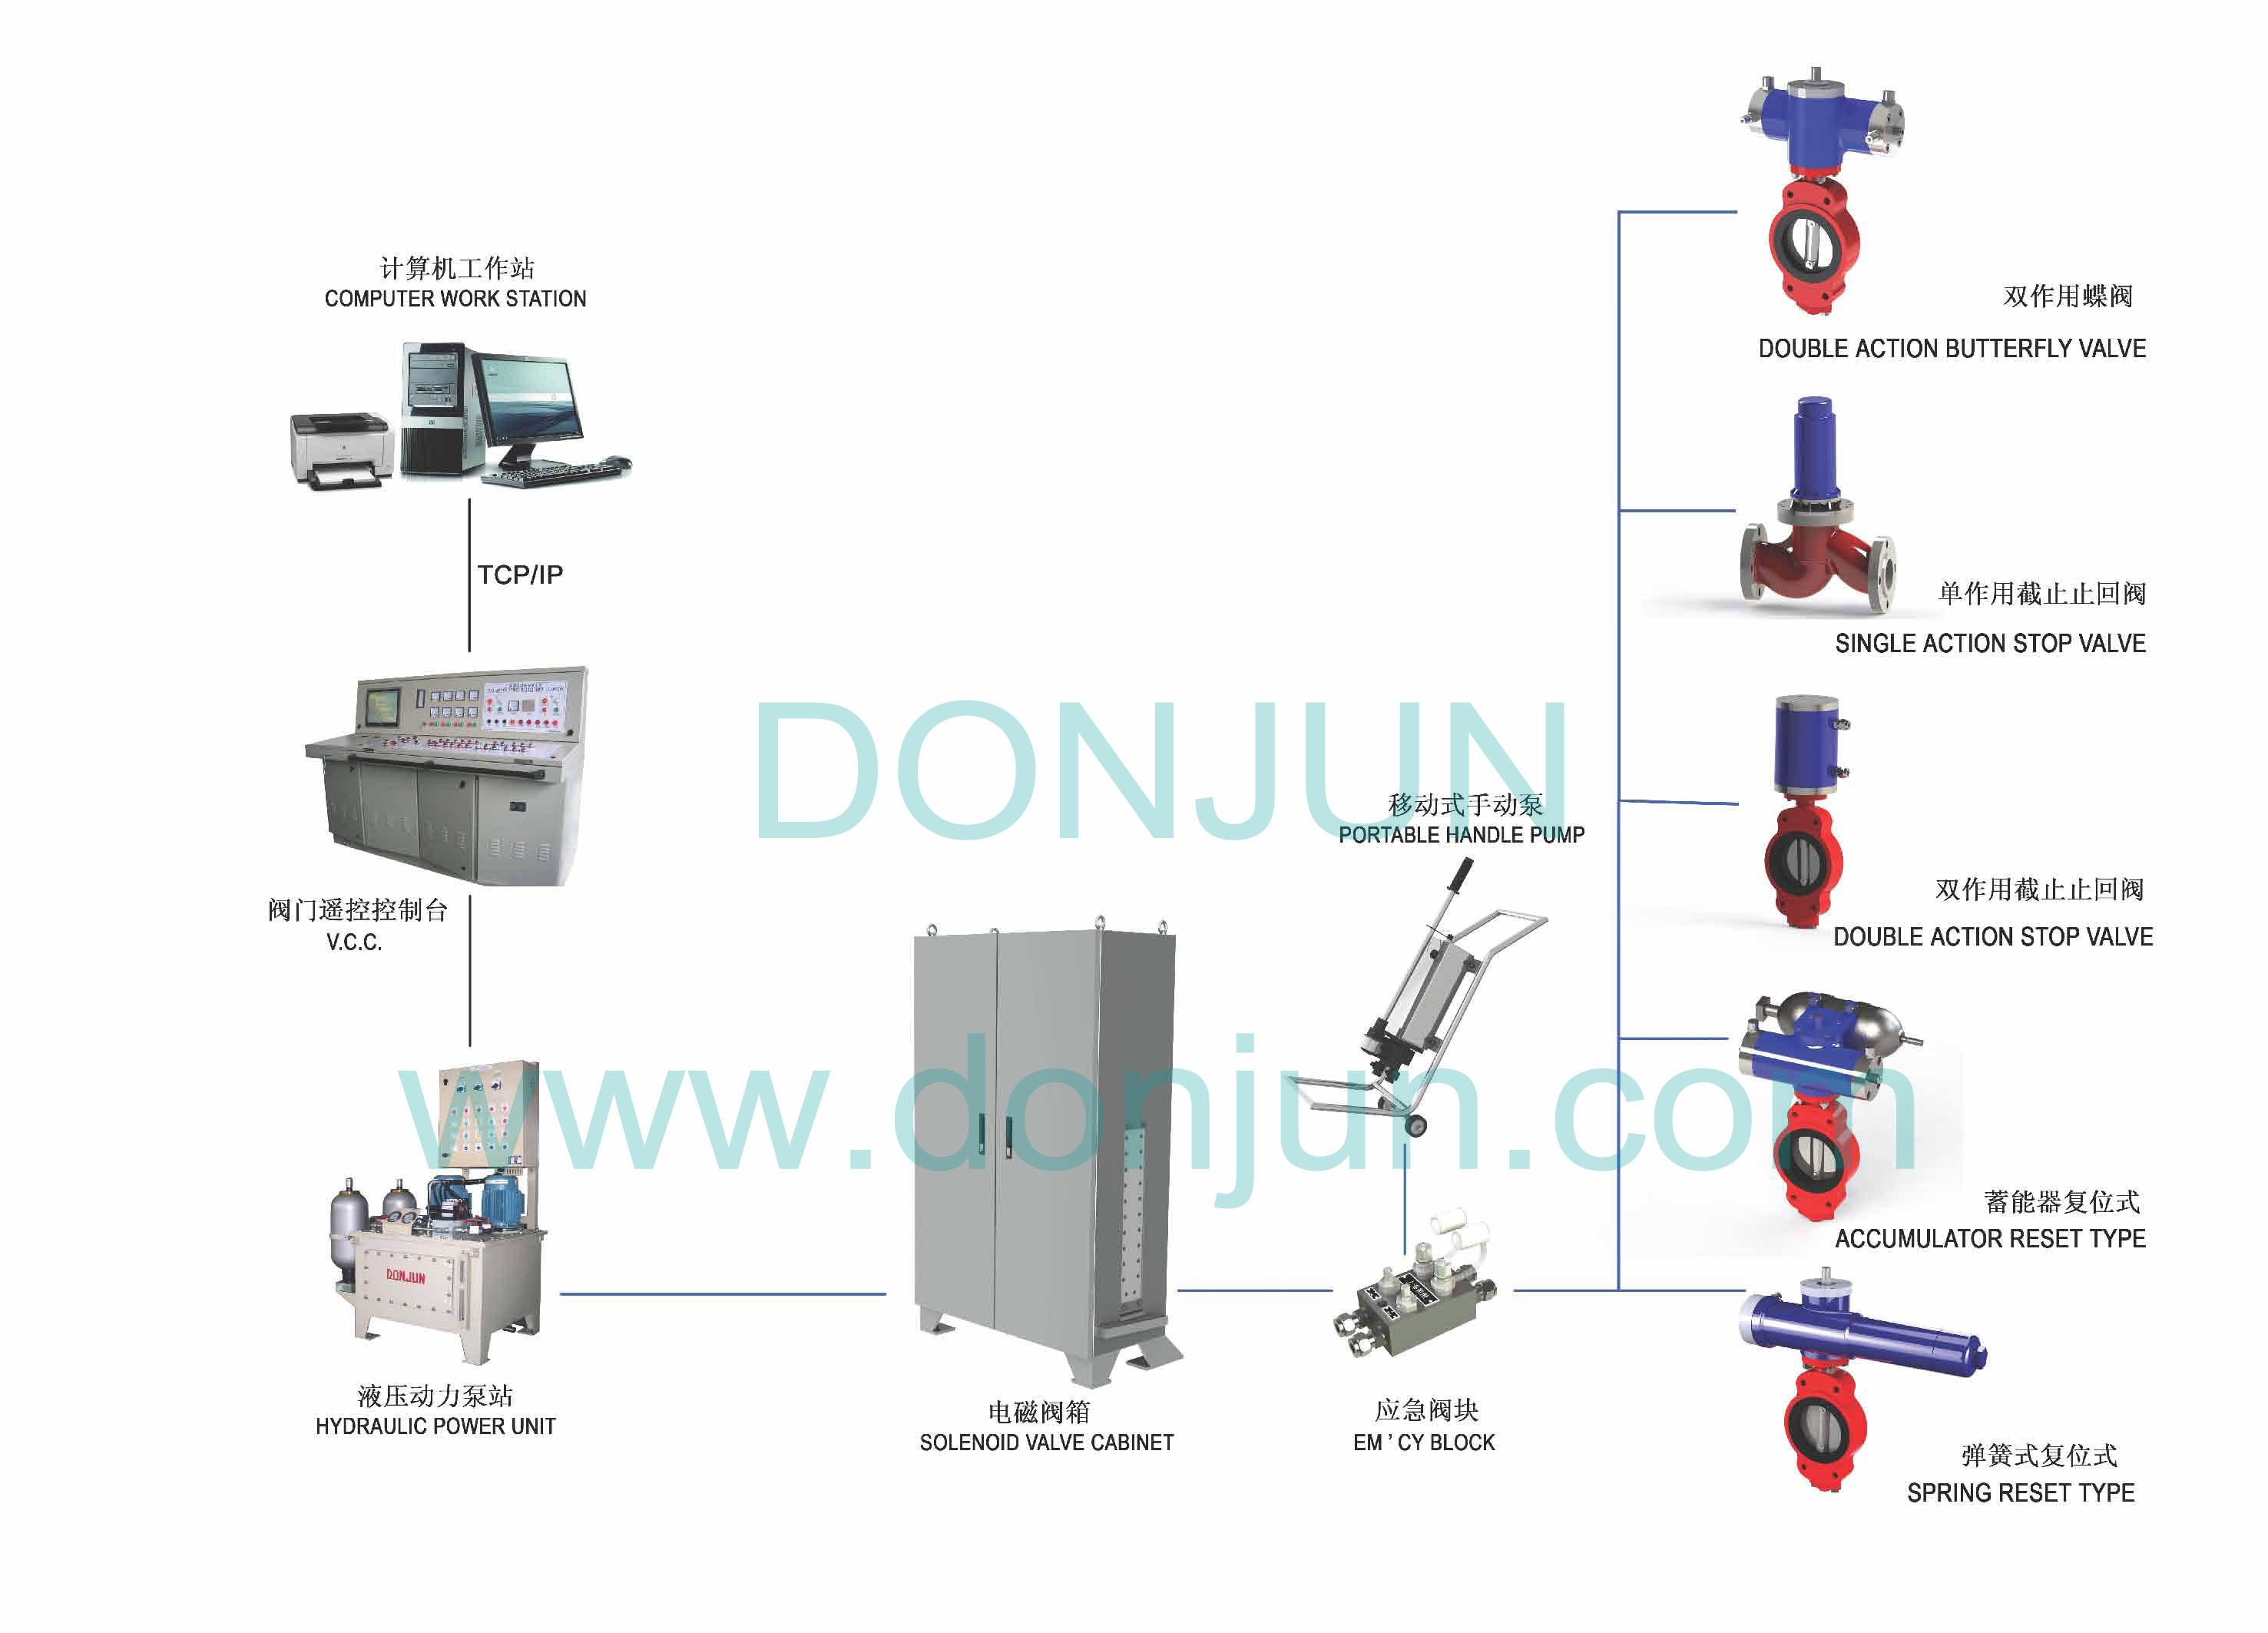 Pump Solenoid Valve Diagram Trusted Wiring Diagram